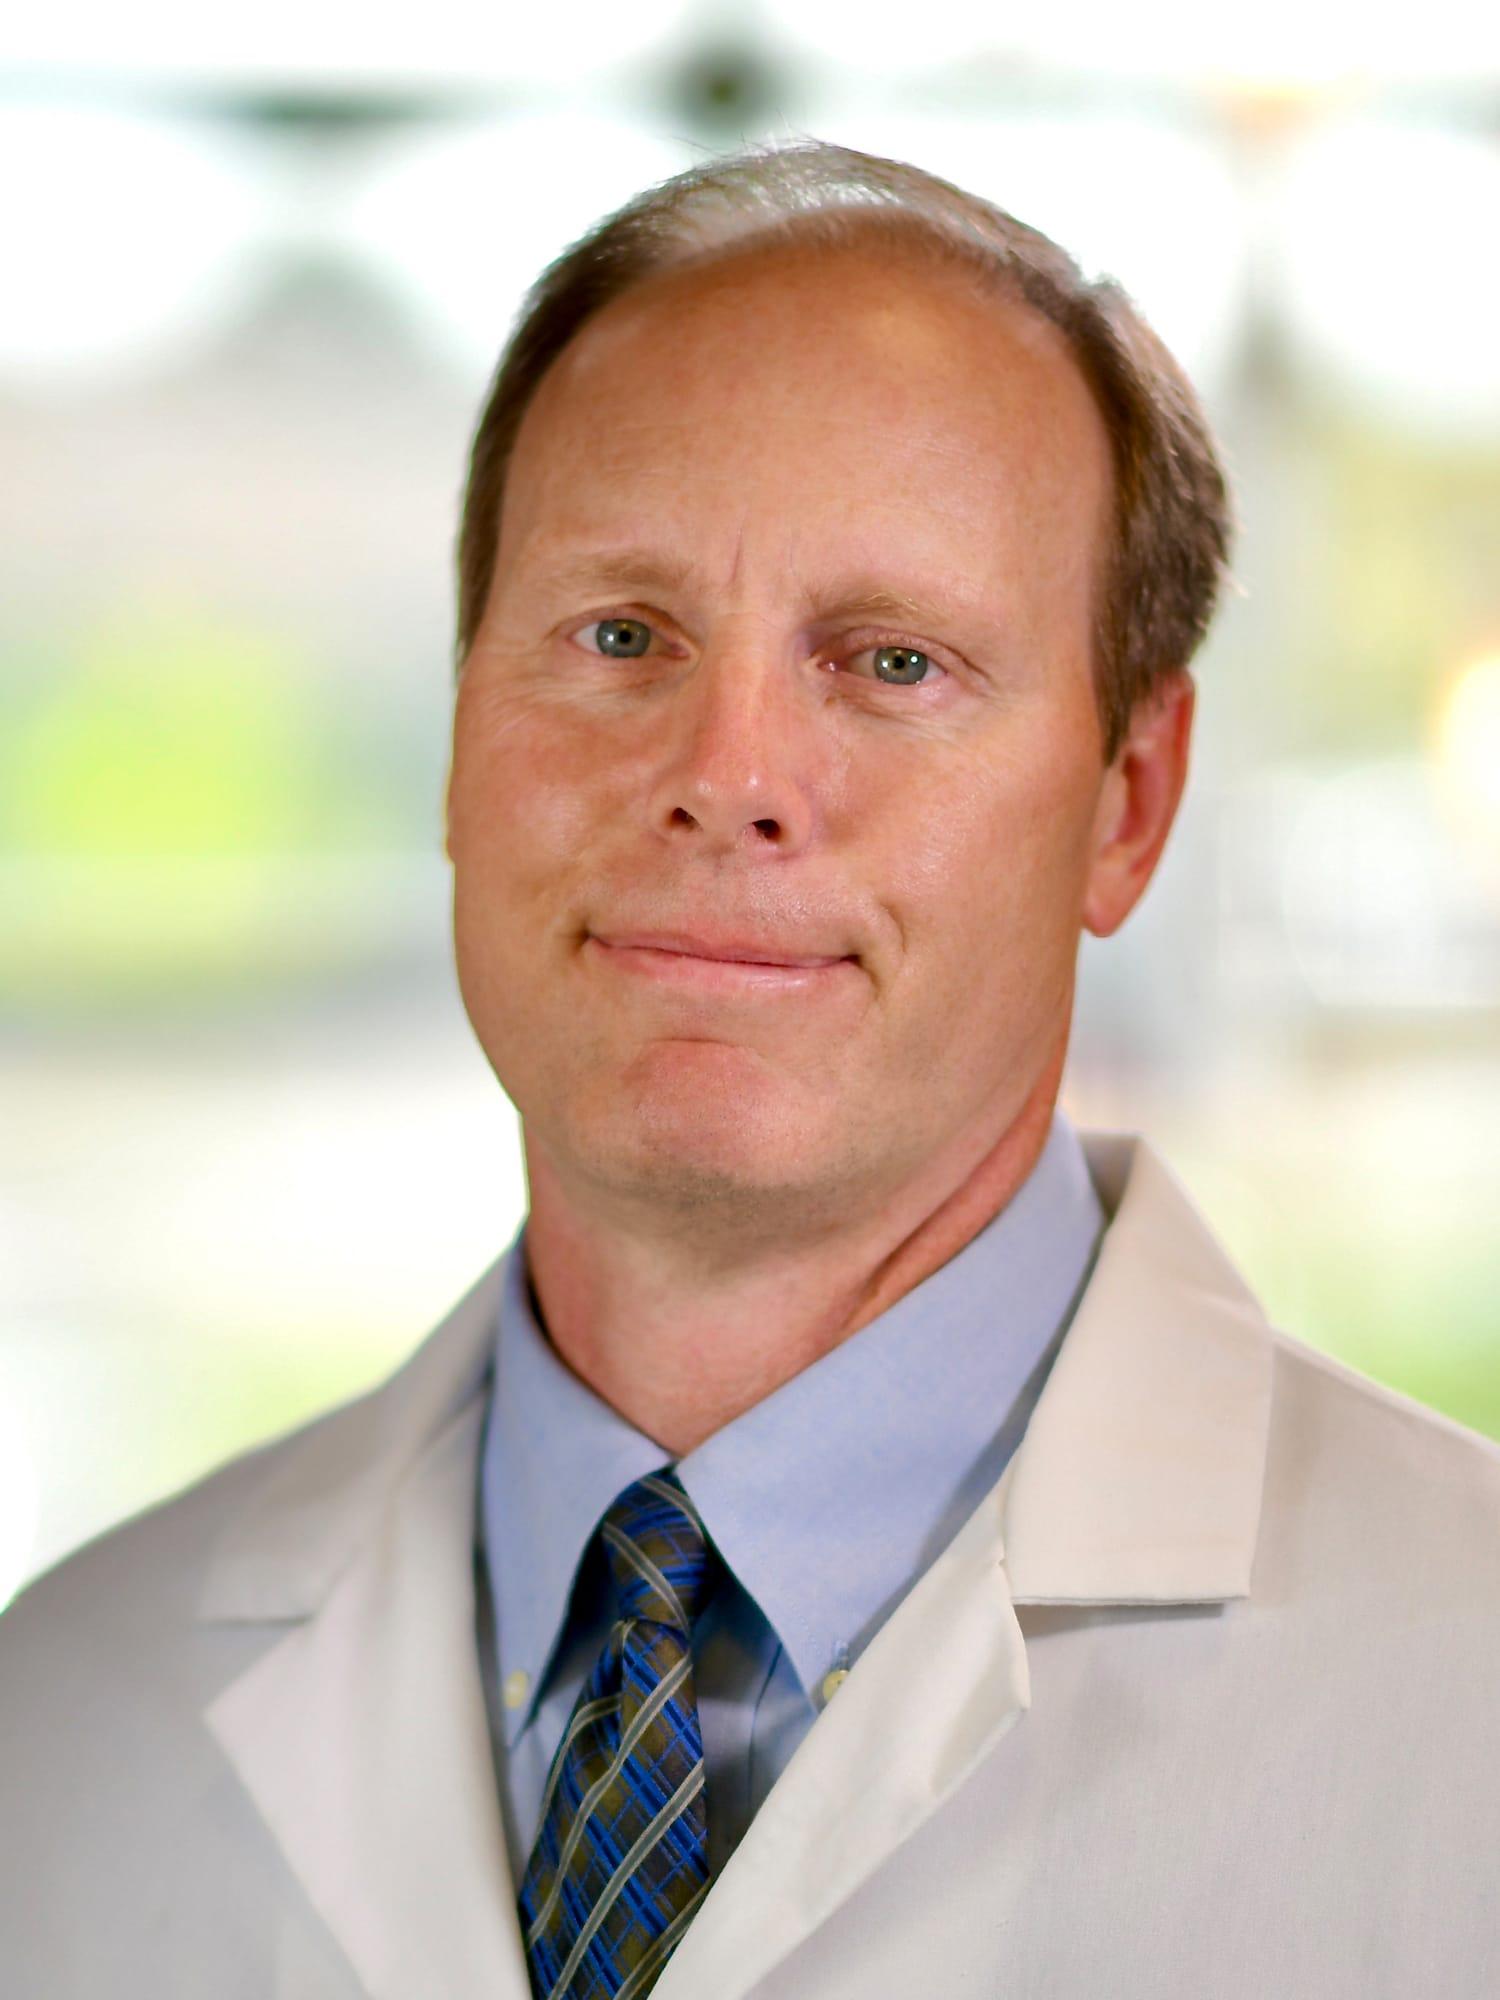 Dr. Heilman headshot